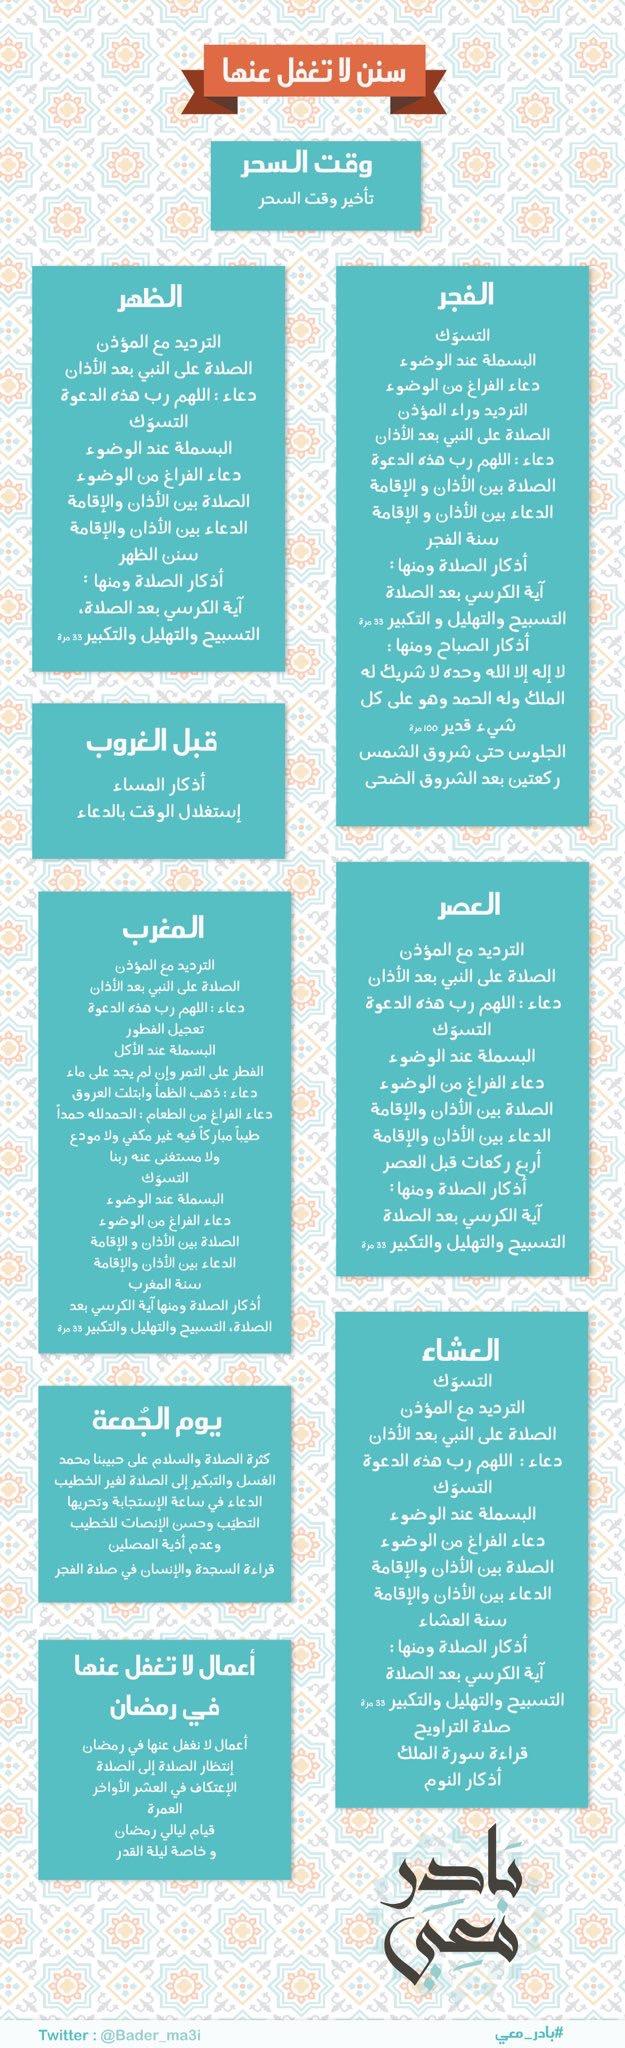 س بالنسبة المرأة إذا طهرت قبل صلاة المغرب هل يلزم عليها أن تصلي الظهر والعصر وإذا طهرت قبل صلاة الفجر هل يلزمها تصلي العشاء والم Arabic Calligraphy Calligraphy